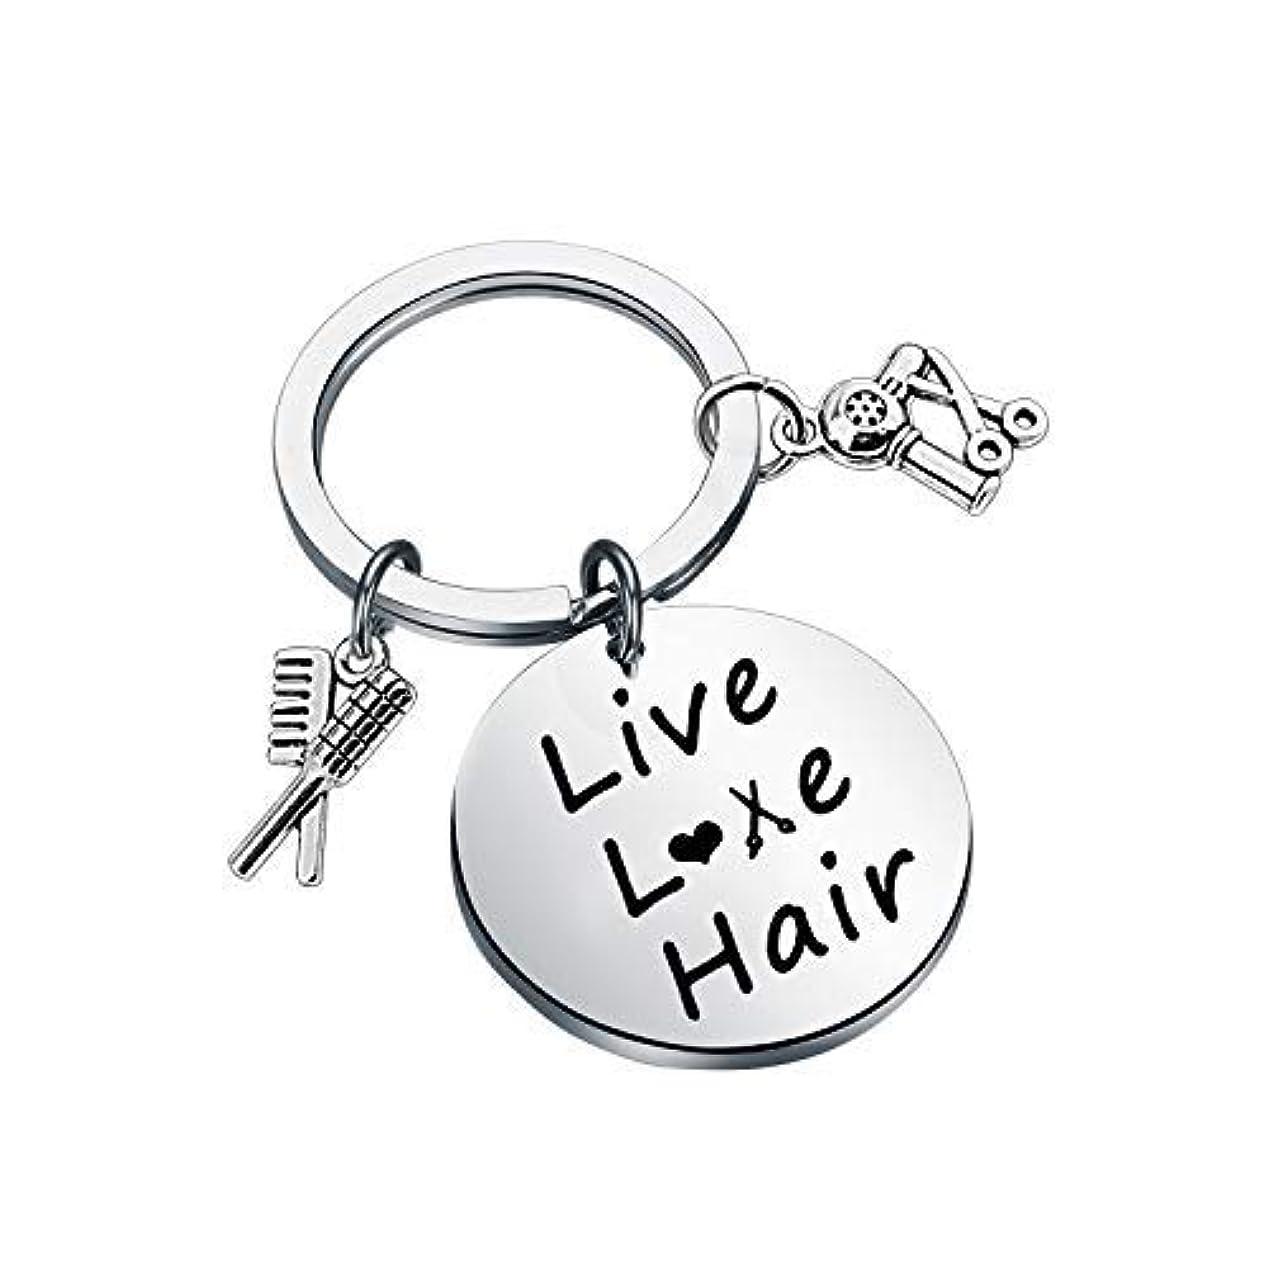 疑問に思う非効率的なの間にFUSTMW Hair Stylist Gift Hairdresser Keychain Stylist Scissor Comb Charm Pendant Hair Cutter Barber Gift [並行輸入品]